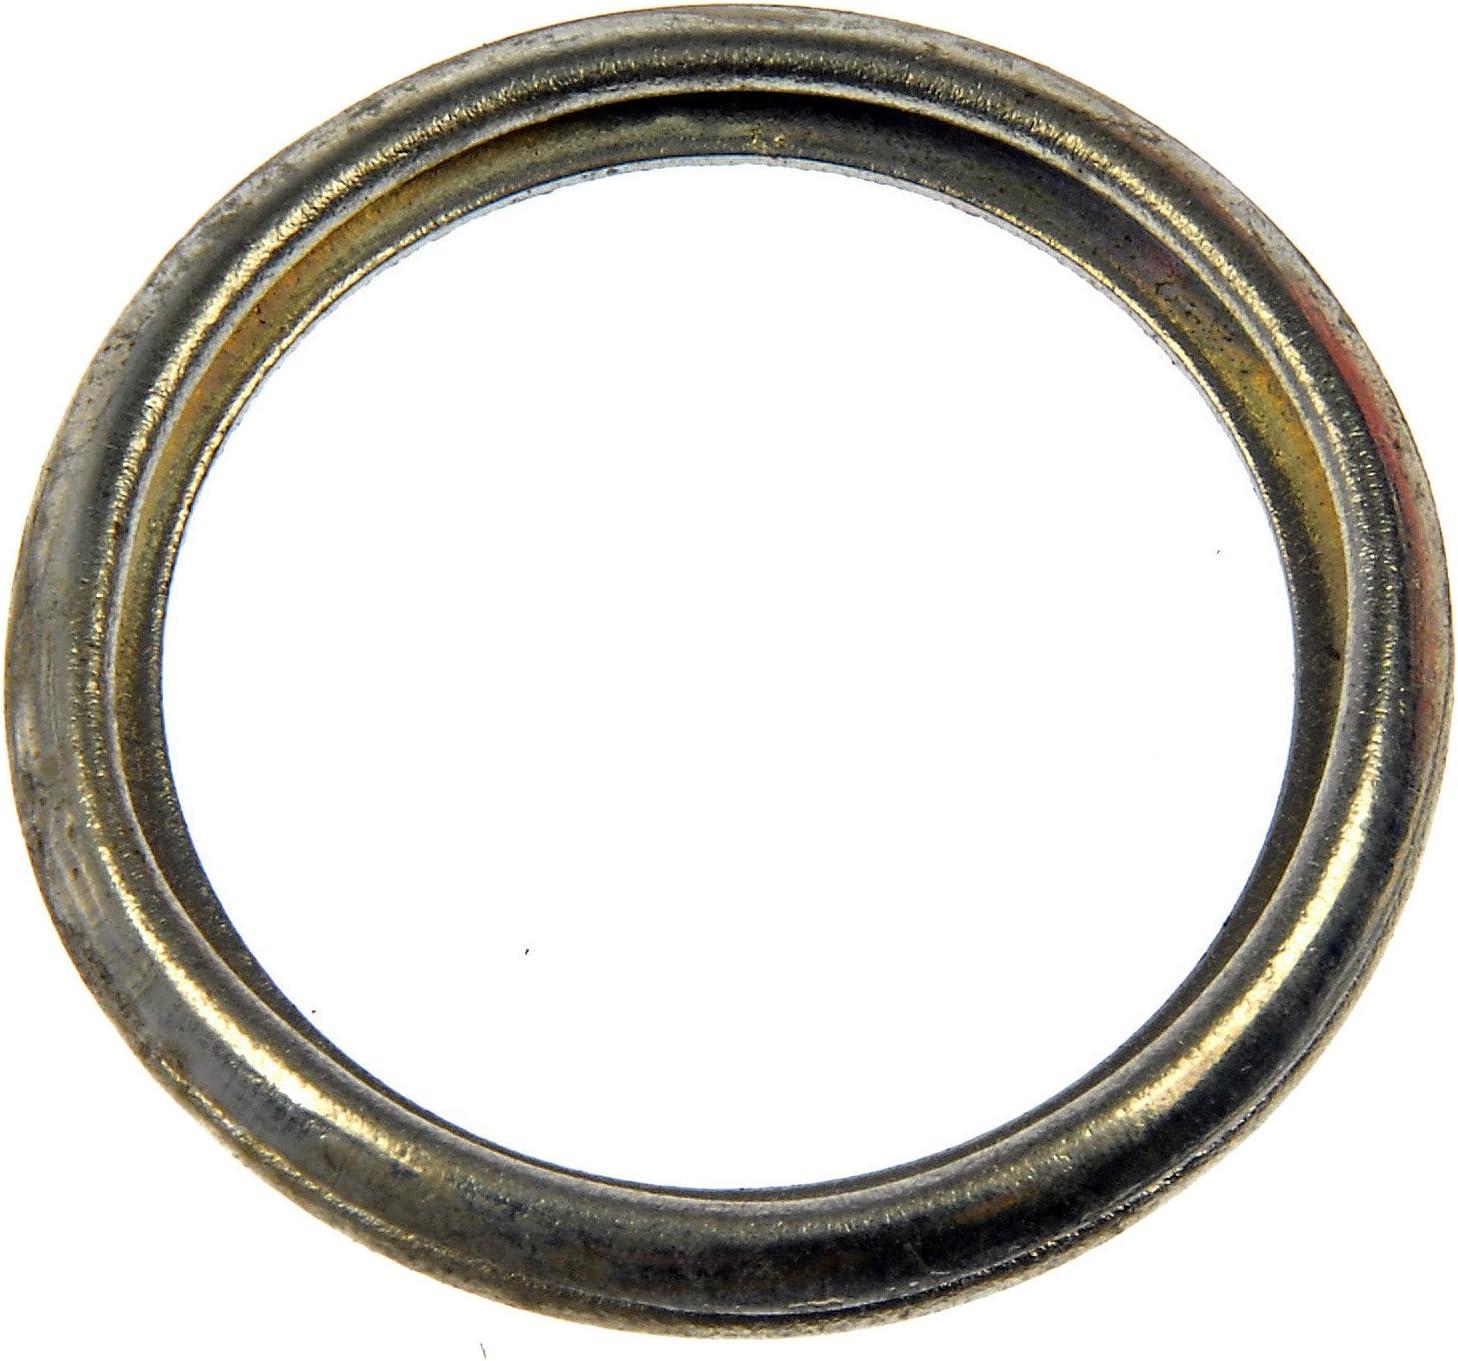 2 Pack Dorman 095-159CD Crush Drain Plug Gasket for Select Scion//Subaru//Toyota Models